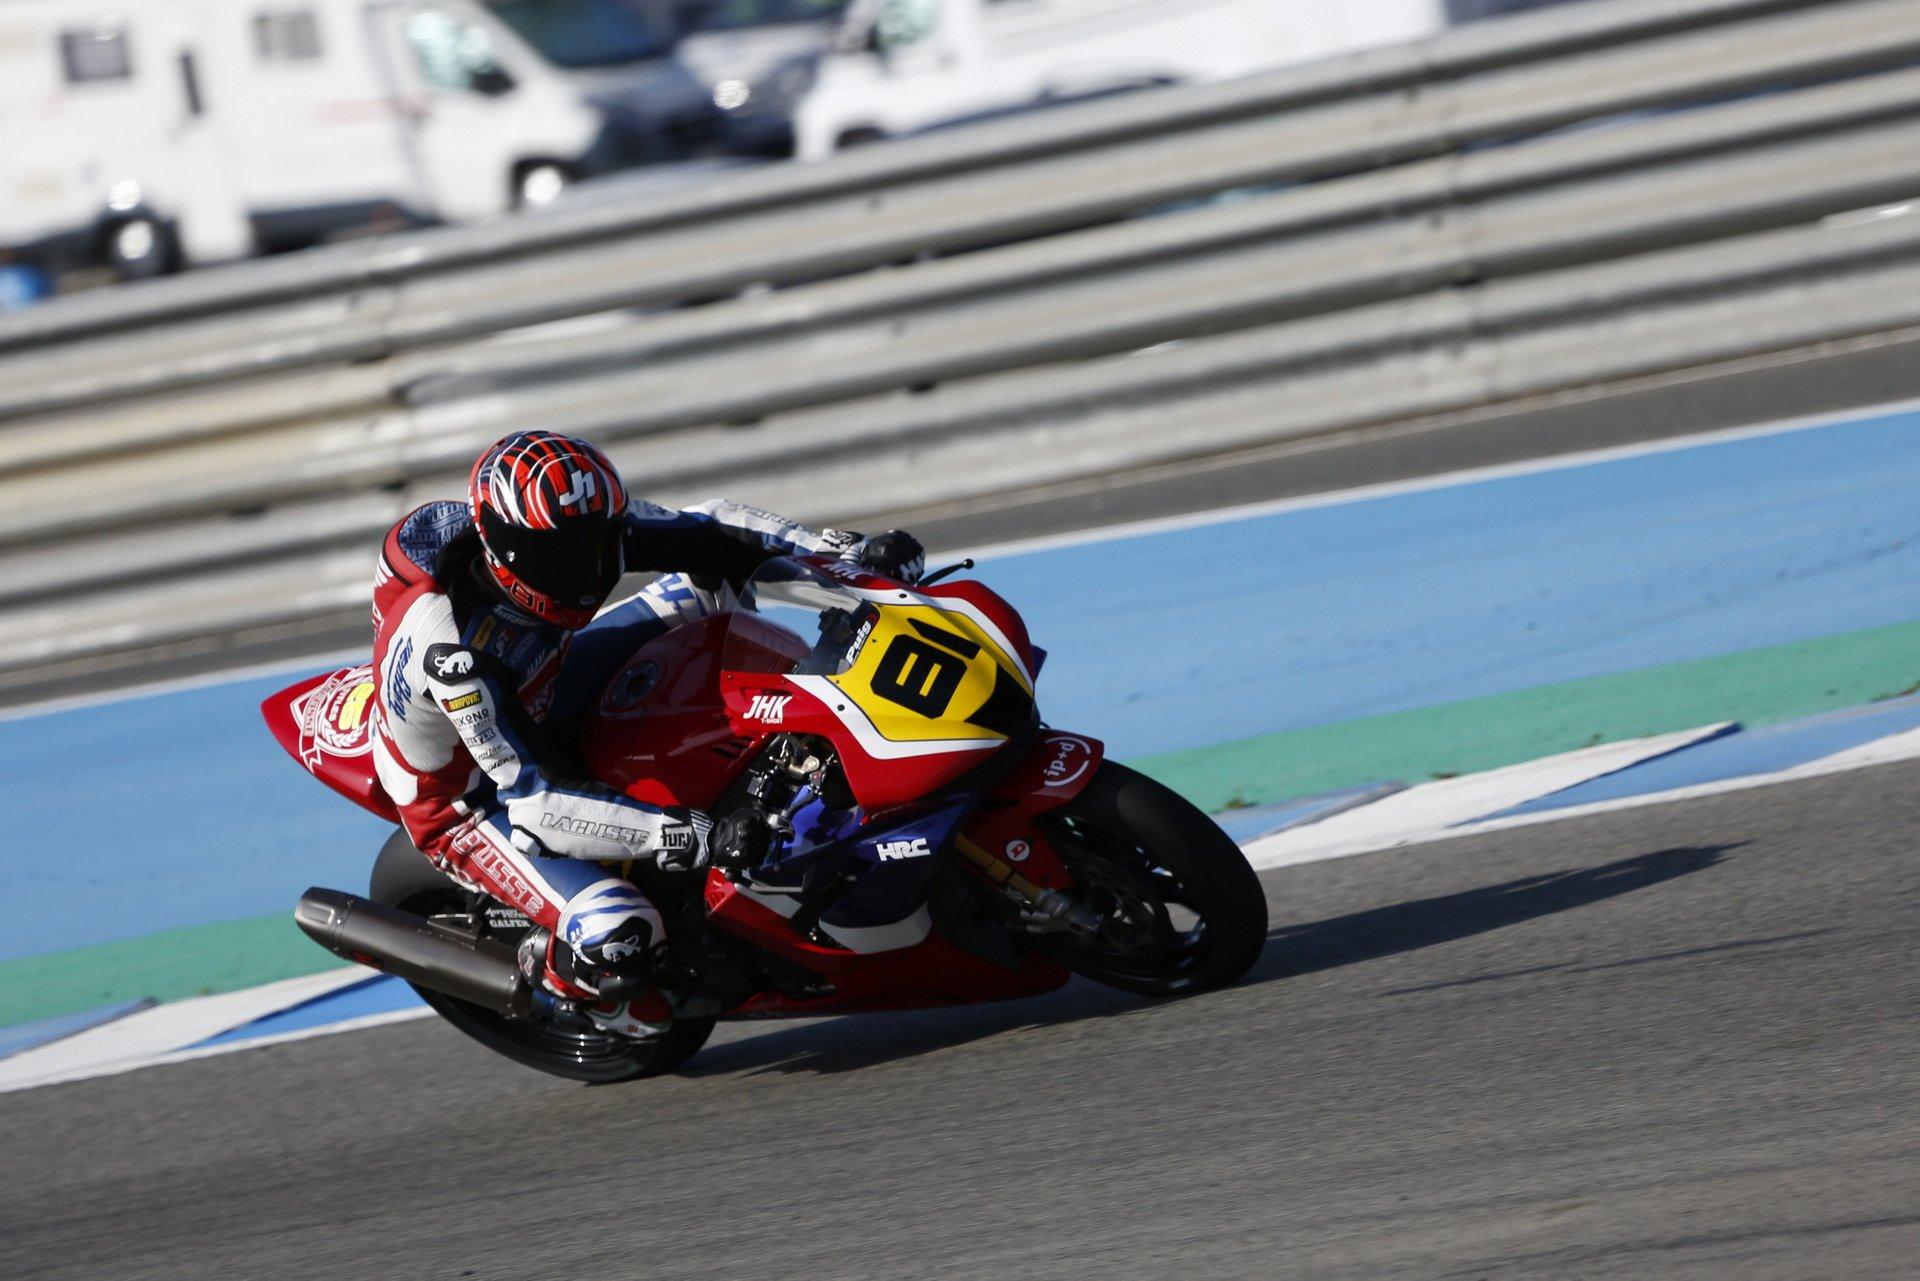 Comenzó el ESBK en el Circuito de Jerez